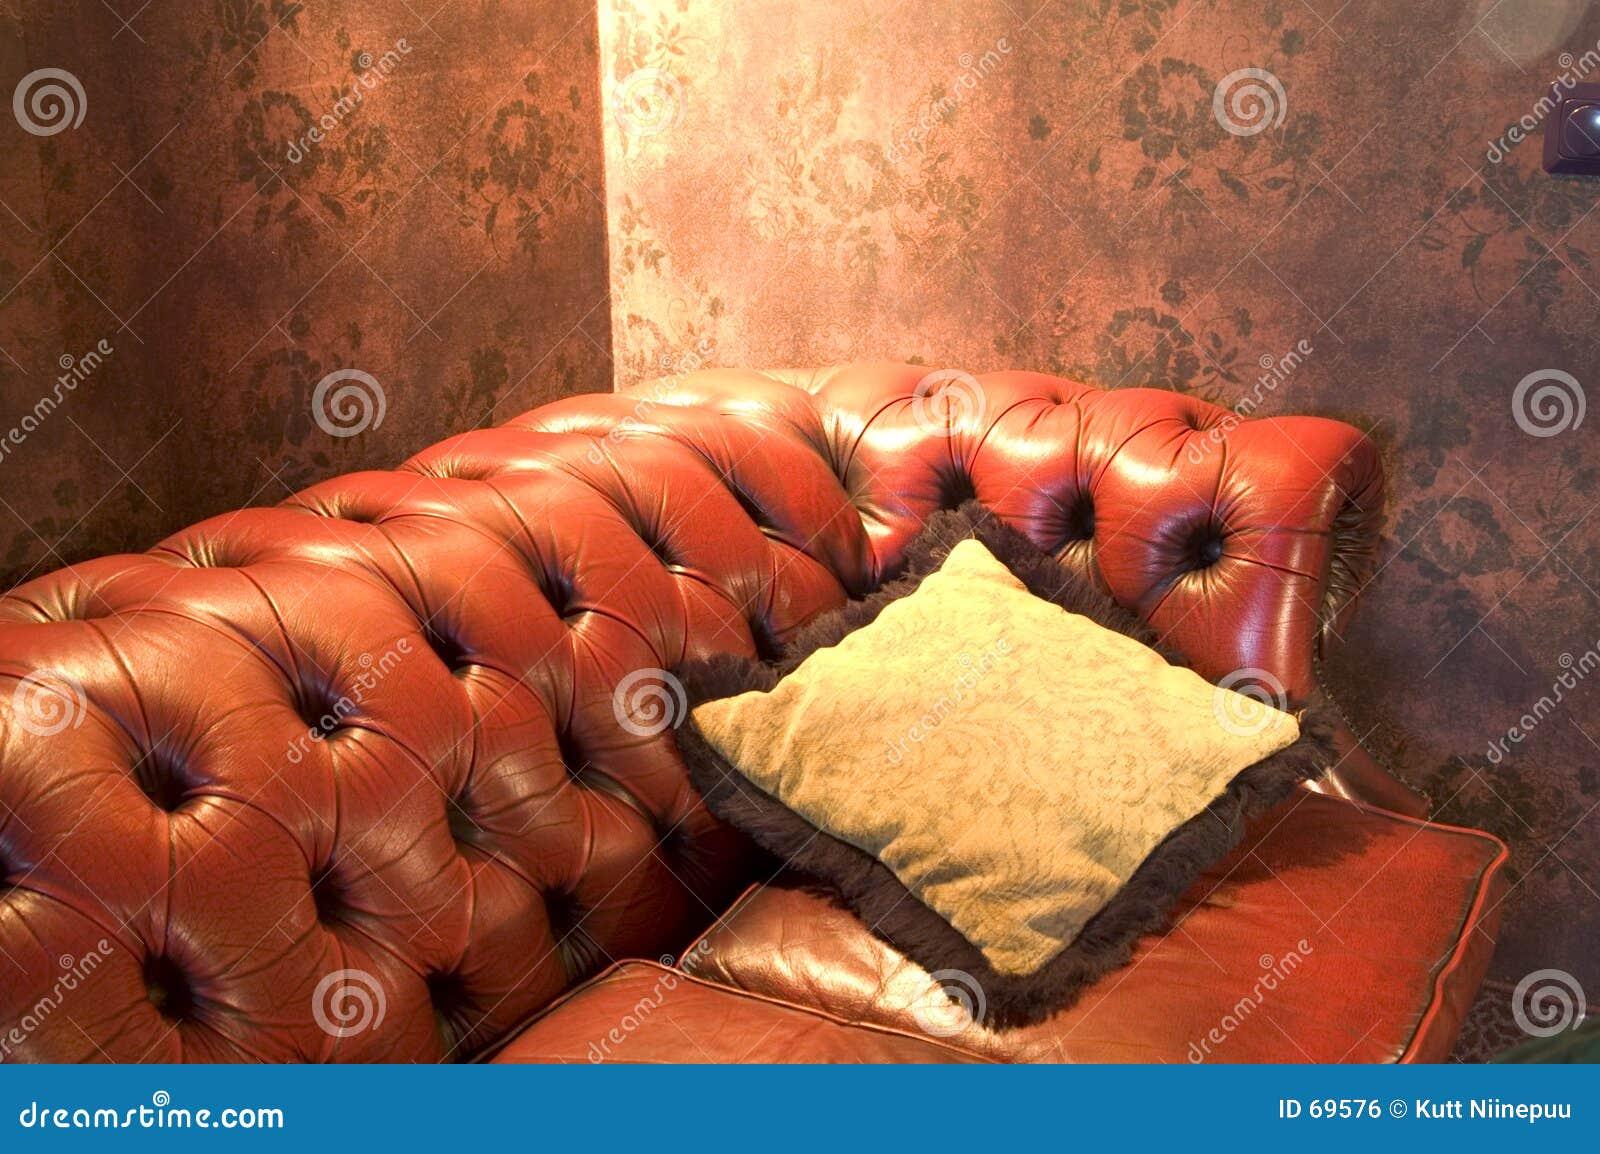 Divan en cuir 3 image libre de droits image 69576 for Divan en cuir